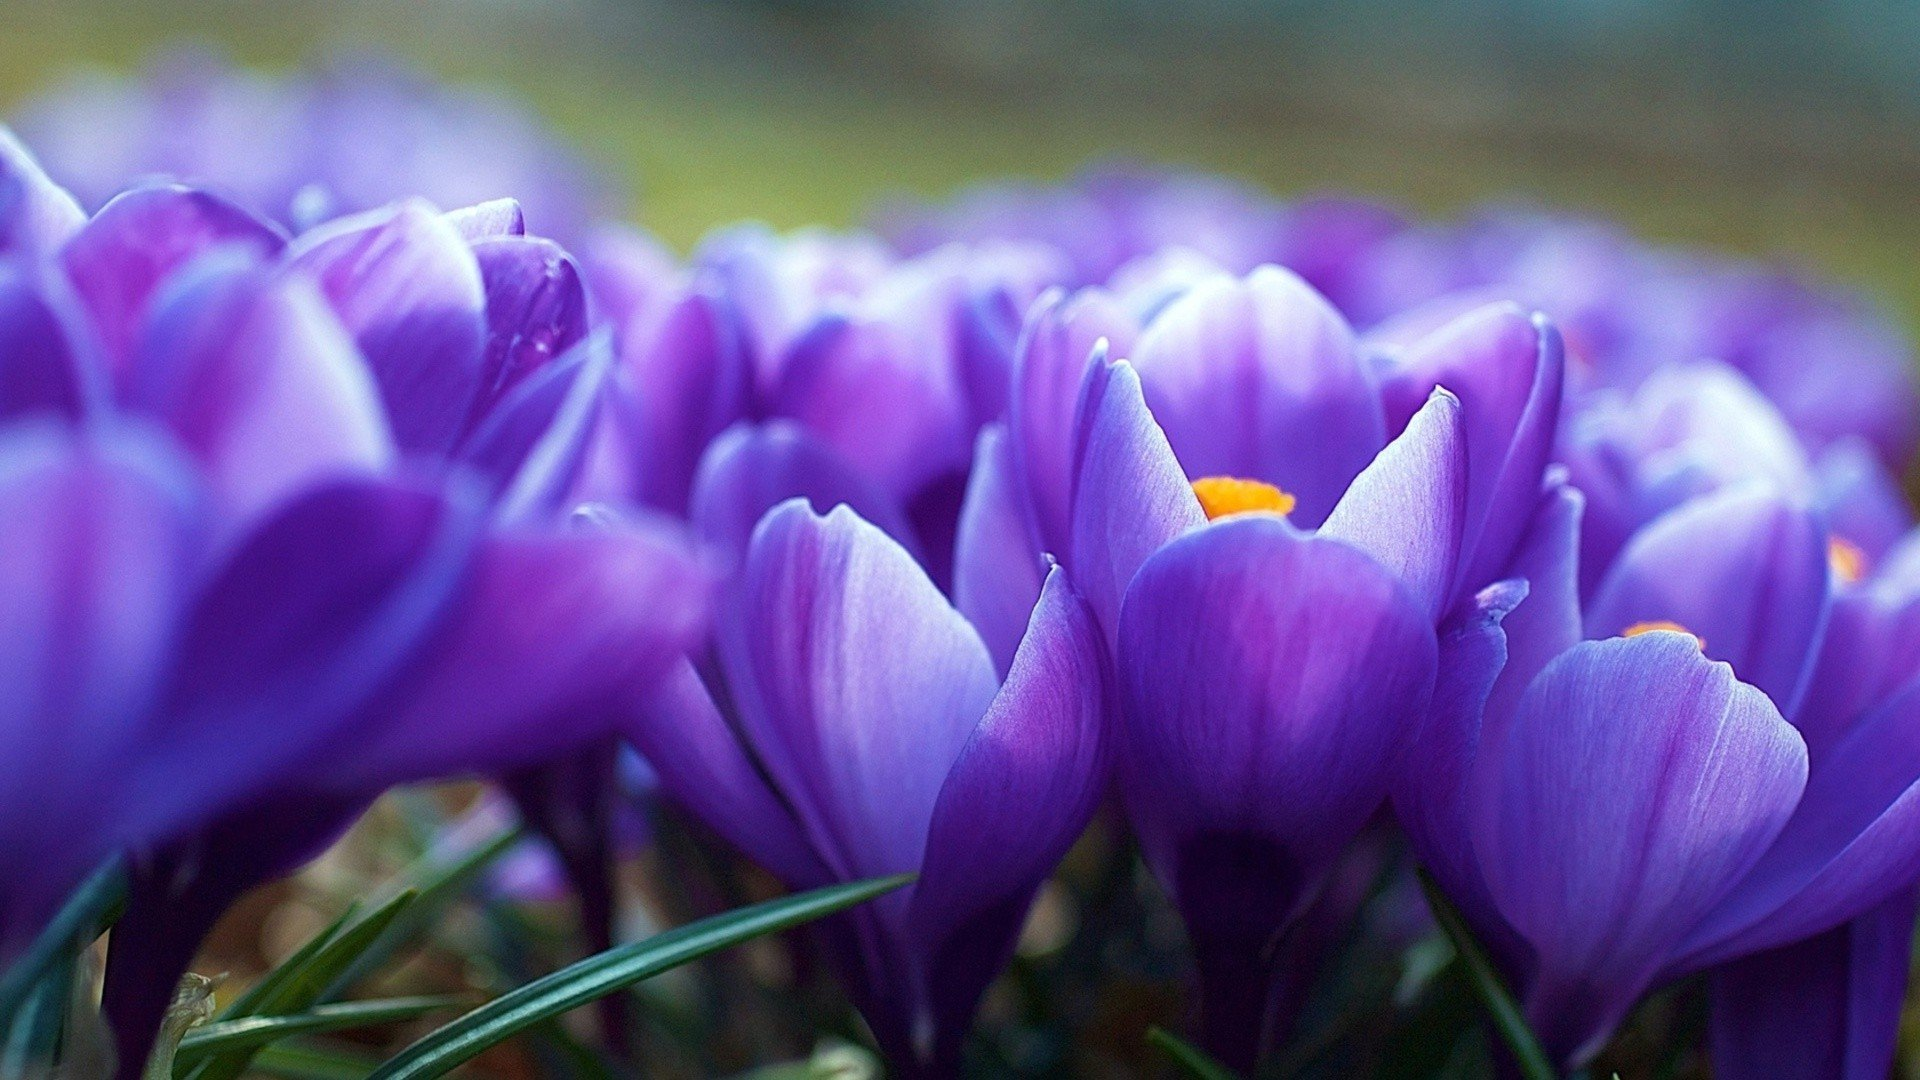 район вся фото для обоев на рабочий стол весна мудрых цитат английском